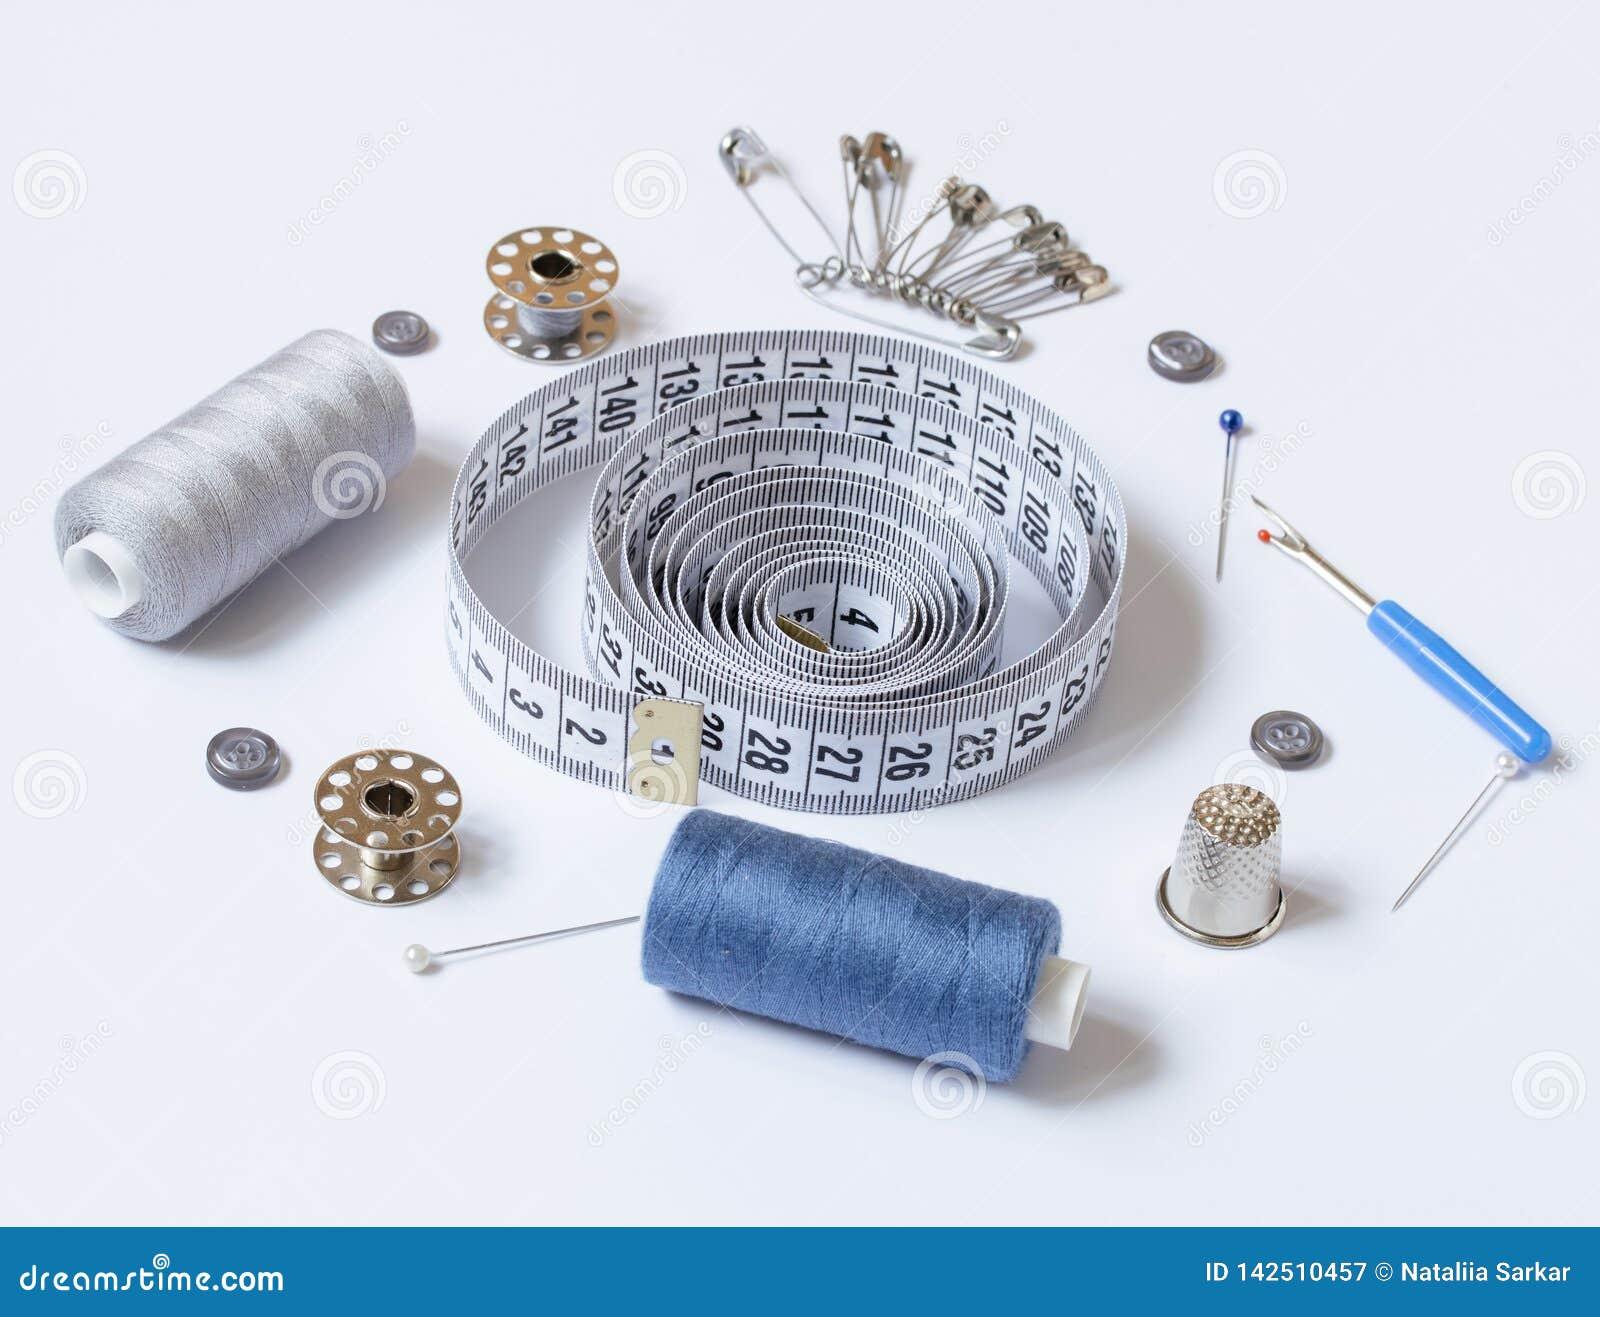 Sy tillbehör och tillbehör för handarbete i grå färg-blått skuggor